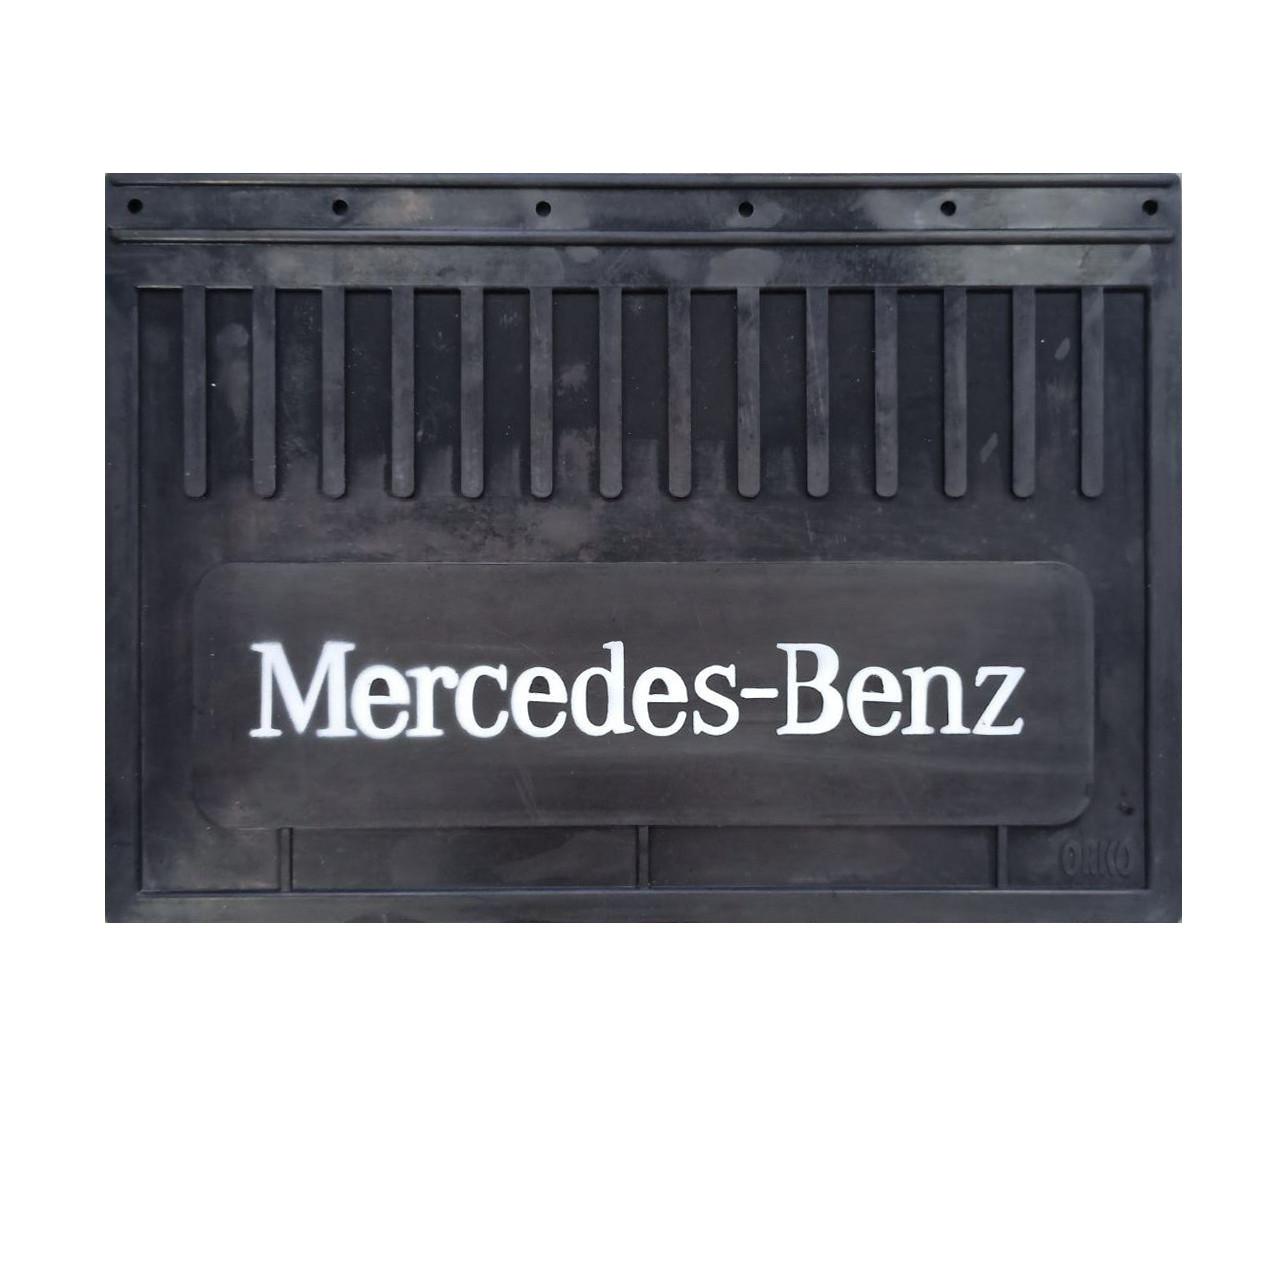 БРИЗГОВИК Mercedes-Benz (500х370) ПРОСТИЙ НАПИС ТУРЦІЯ